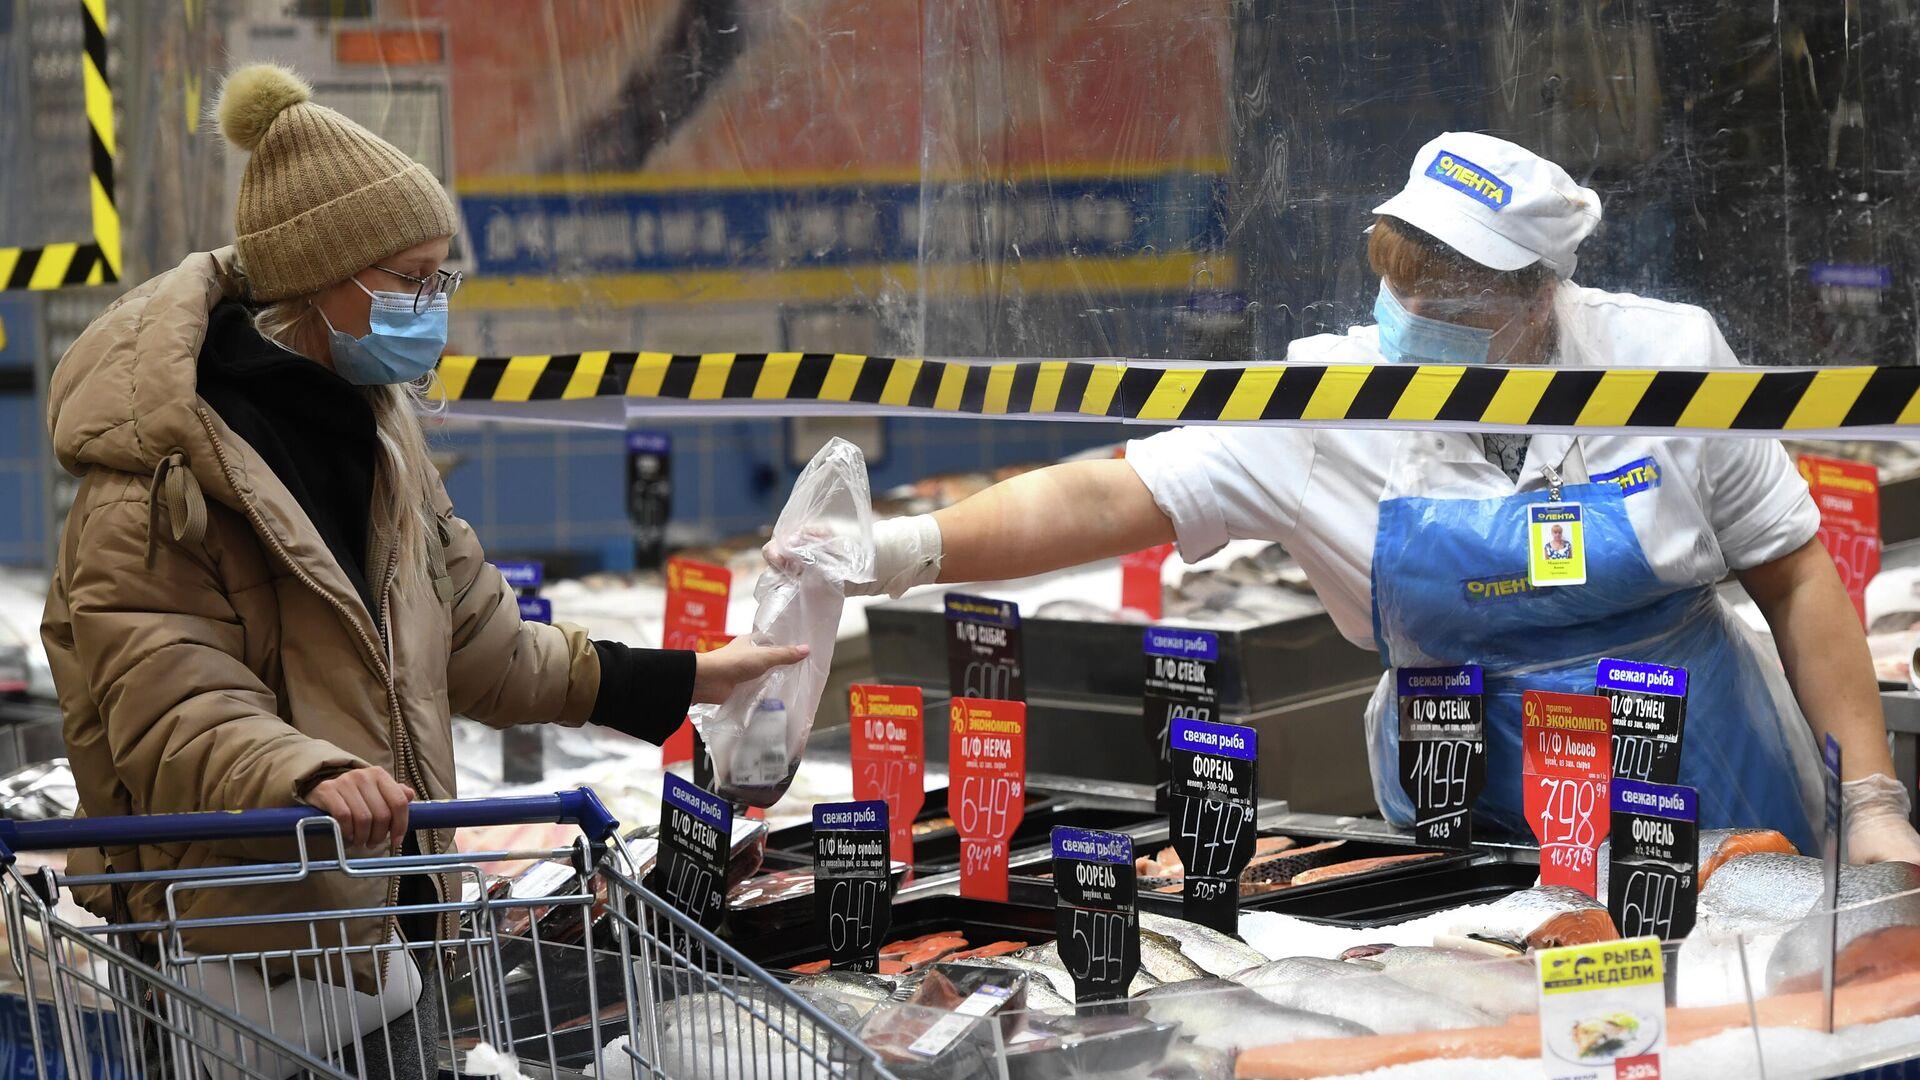 Покупатель и продавец в рыбном отделе гипермаркета Лента в период пандемии коронавируса в Новосибирске - РИА Новости, 1920, 02.12.2020